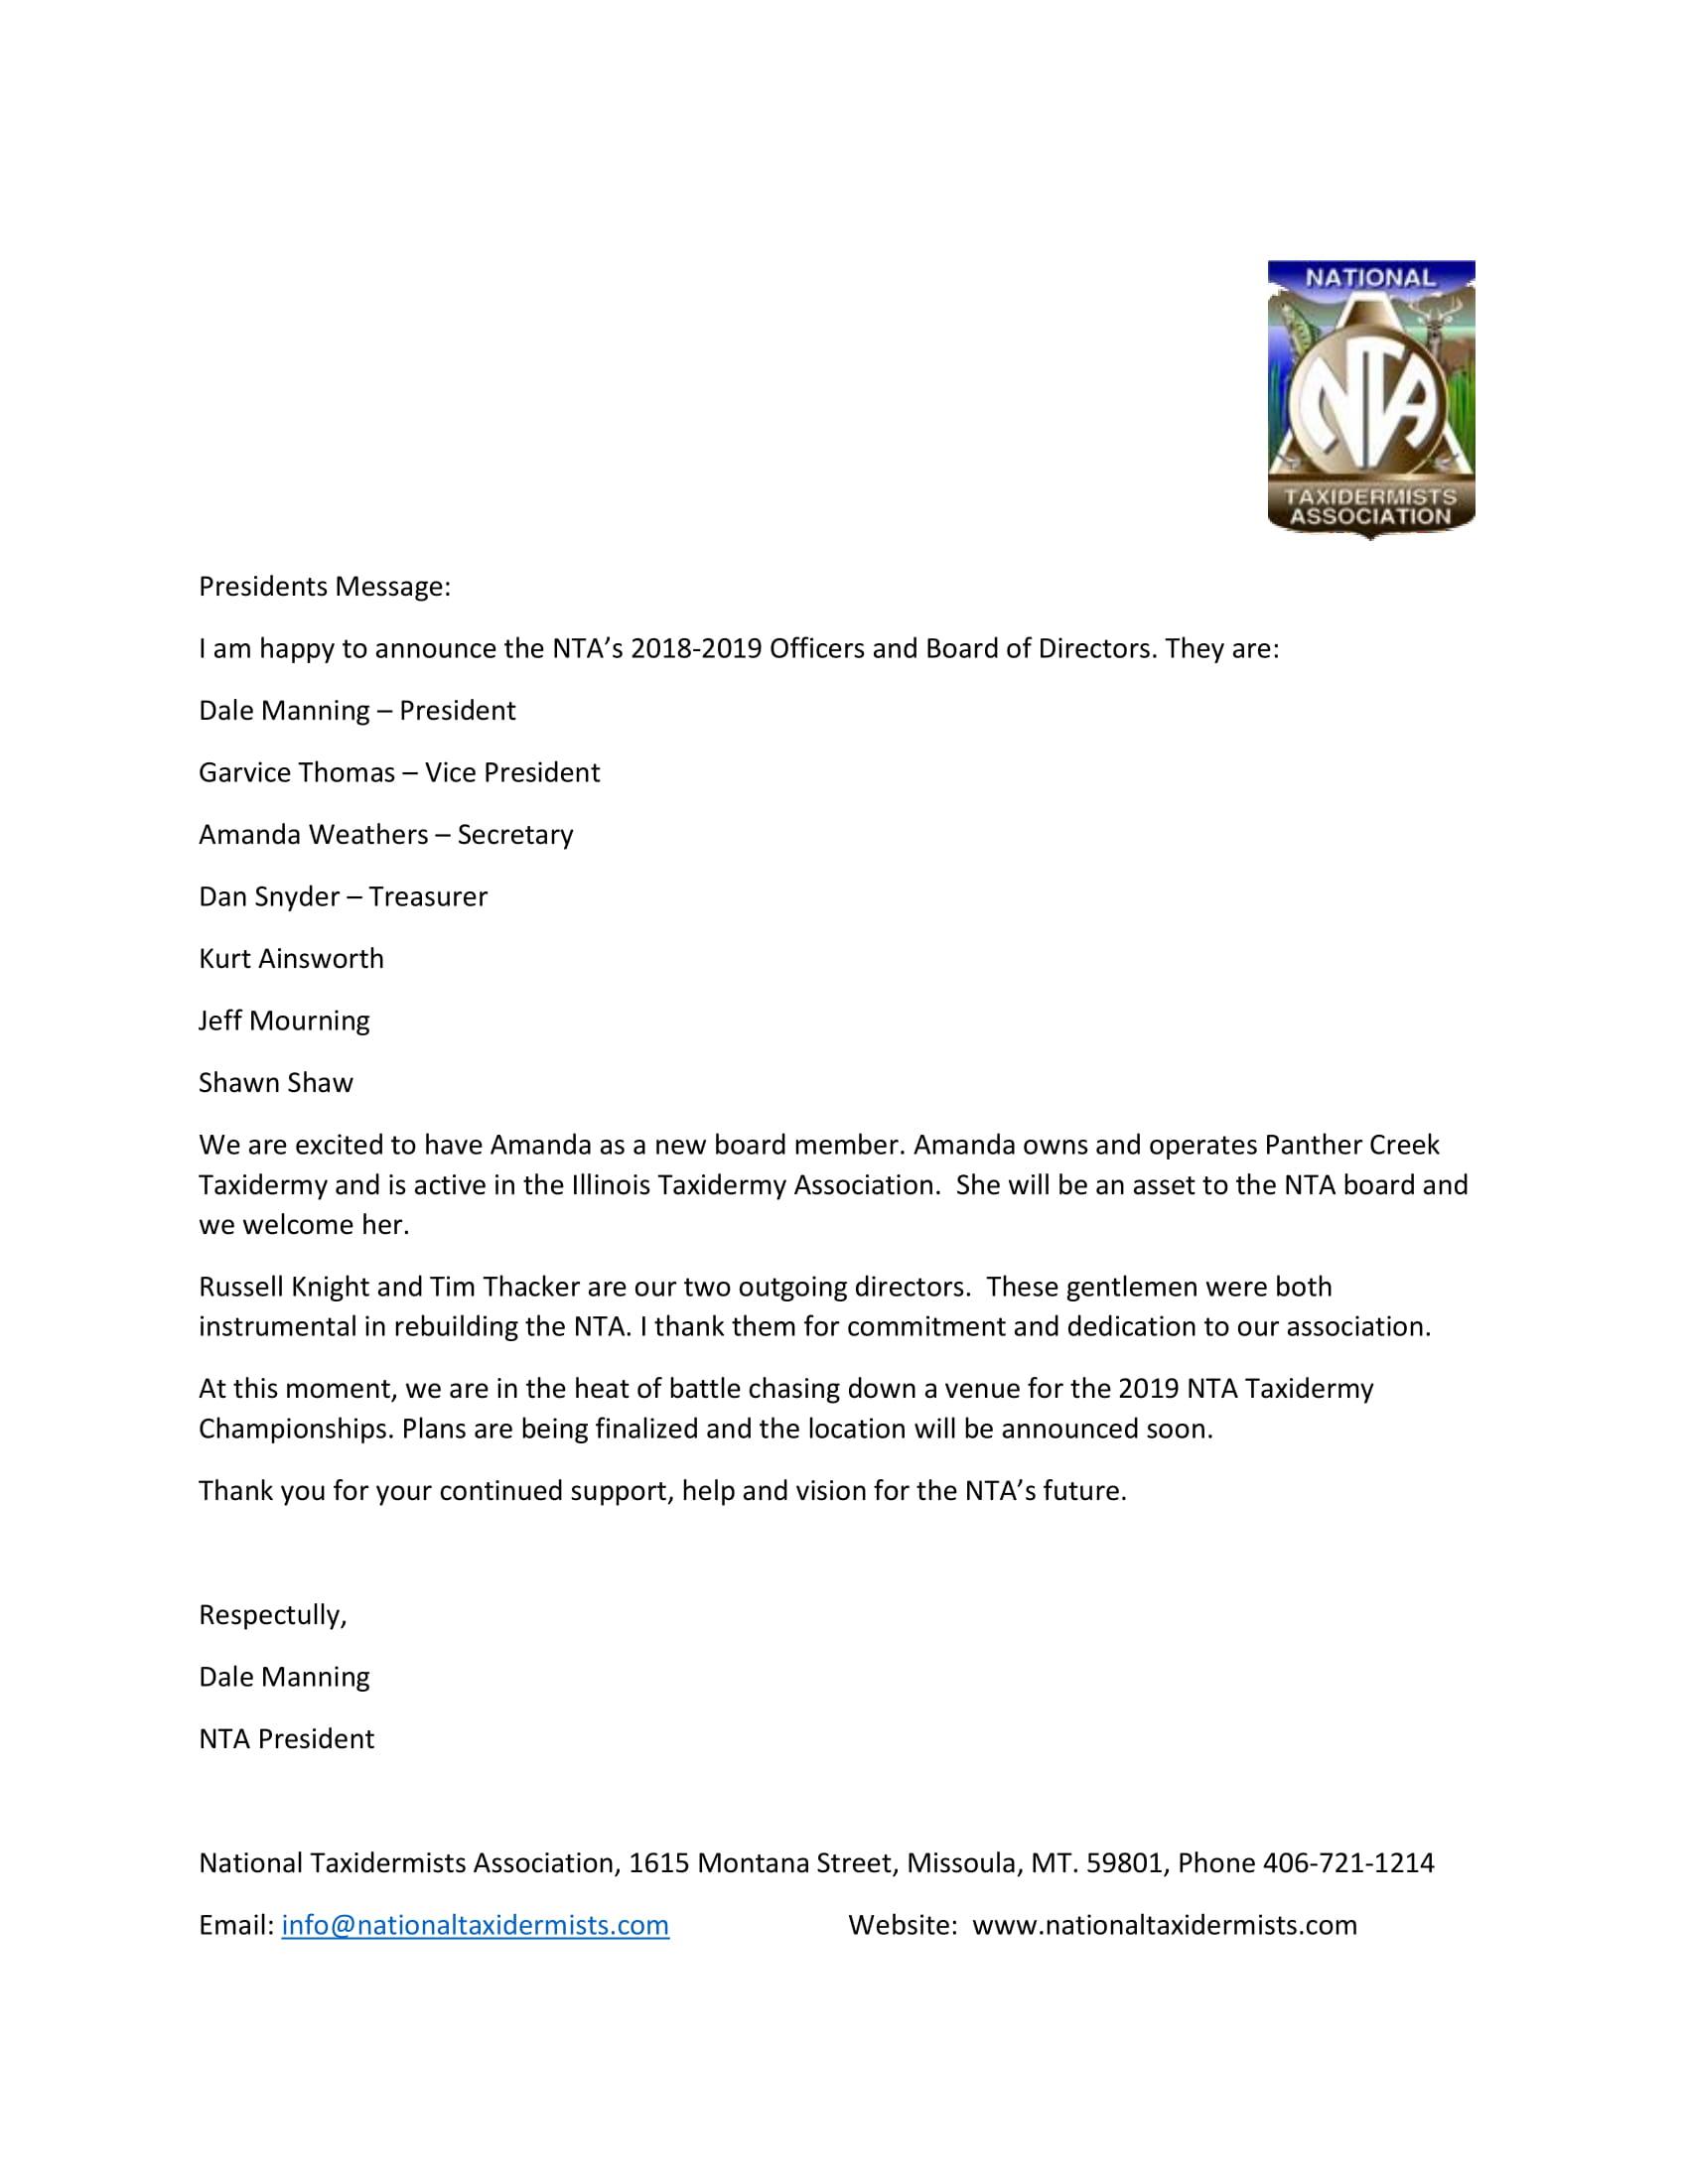 NTA President's Message 11-1-1.jpg